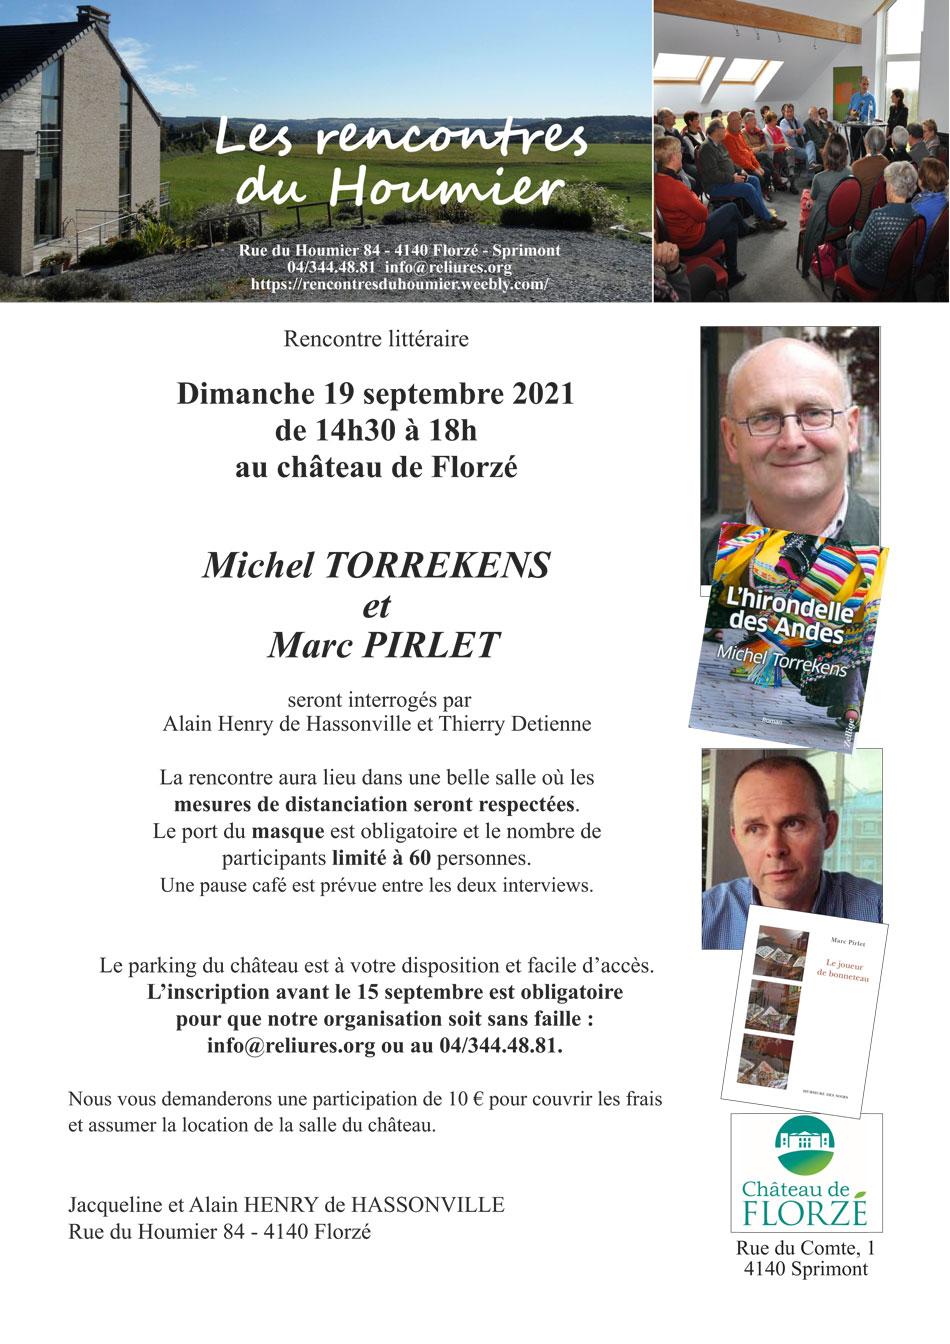 Rencontres du Houmier avec Michel Torrekens et Marc Pirlet